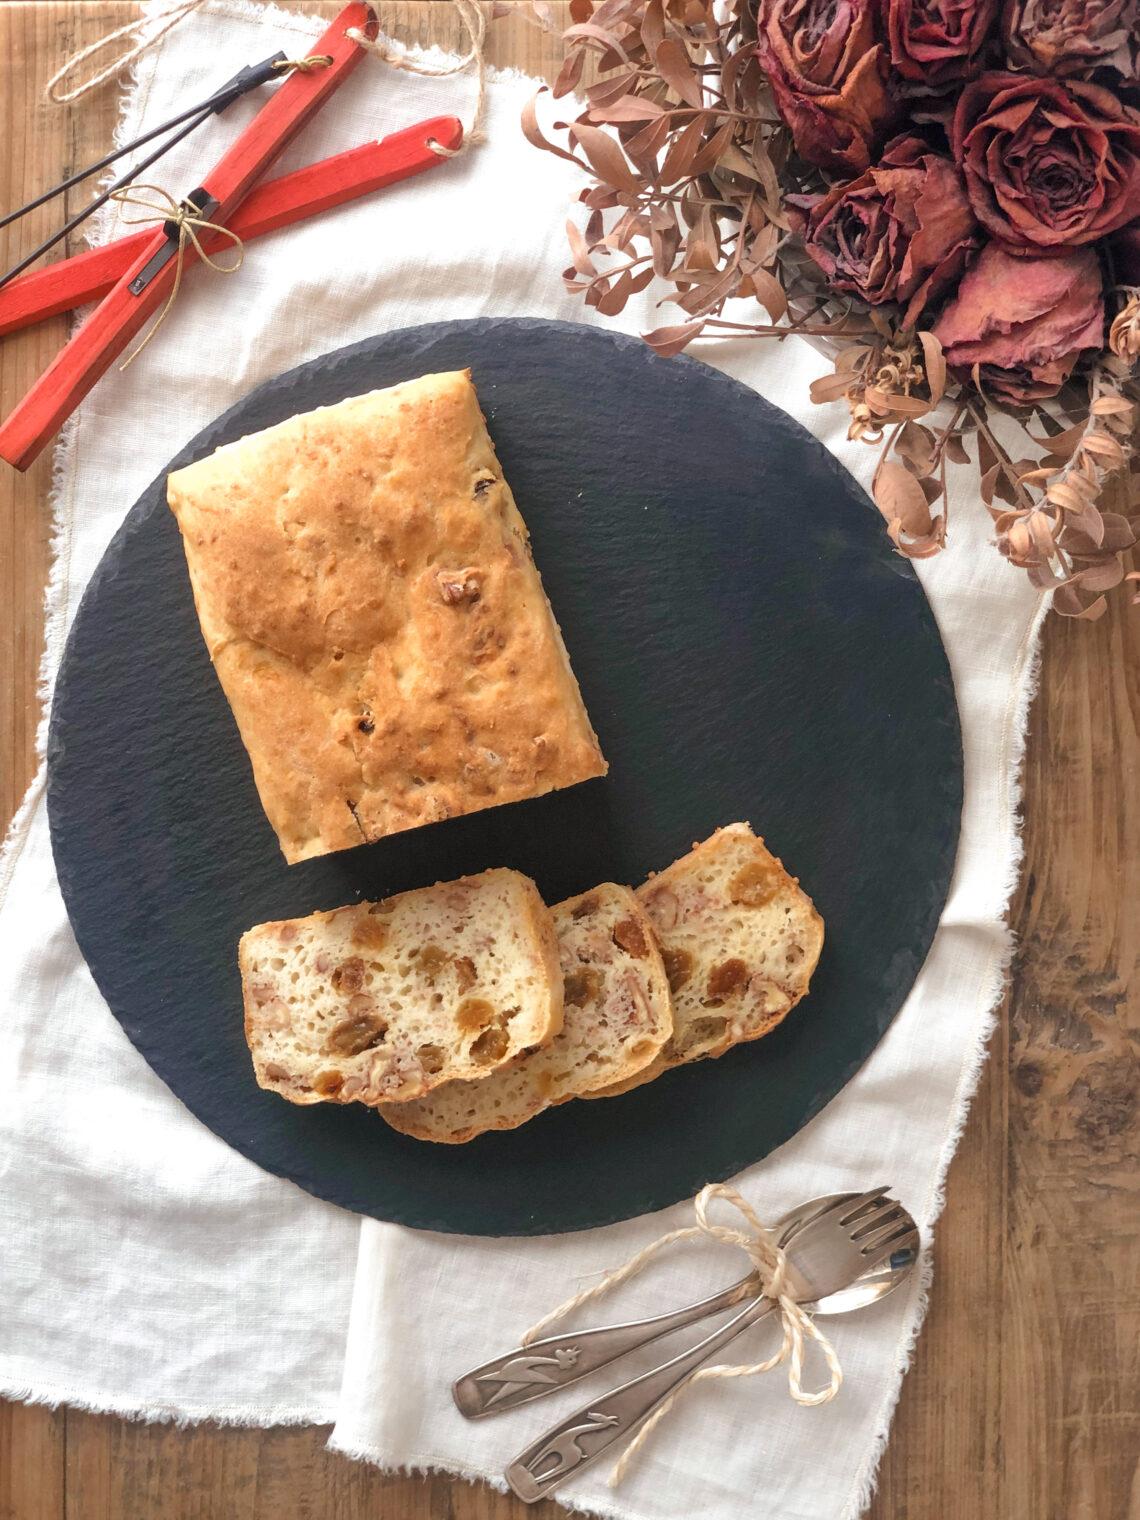 Pane alle mele con vino bianco, uvetta, noci, con latte di soia, farina di riso e farina di mais, pancarrè delle Dolomiti